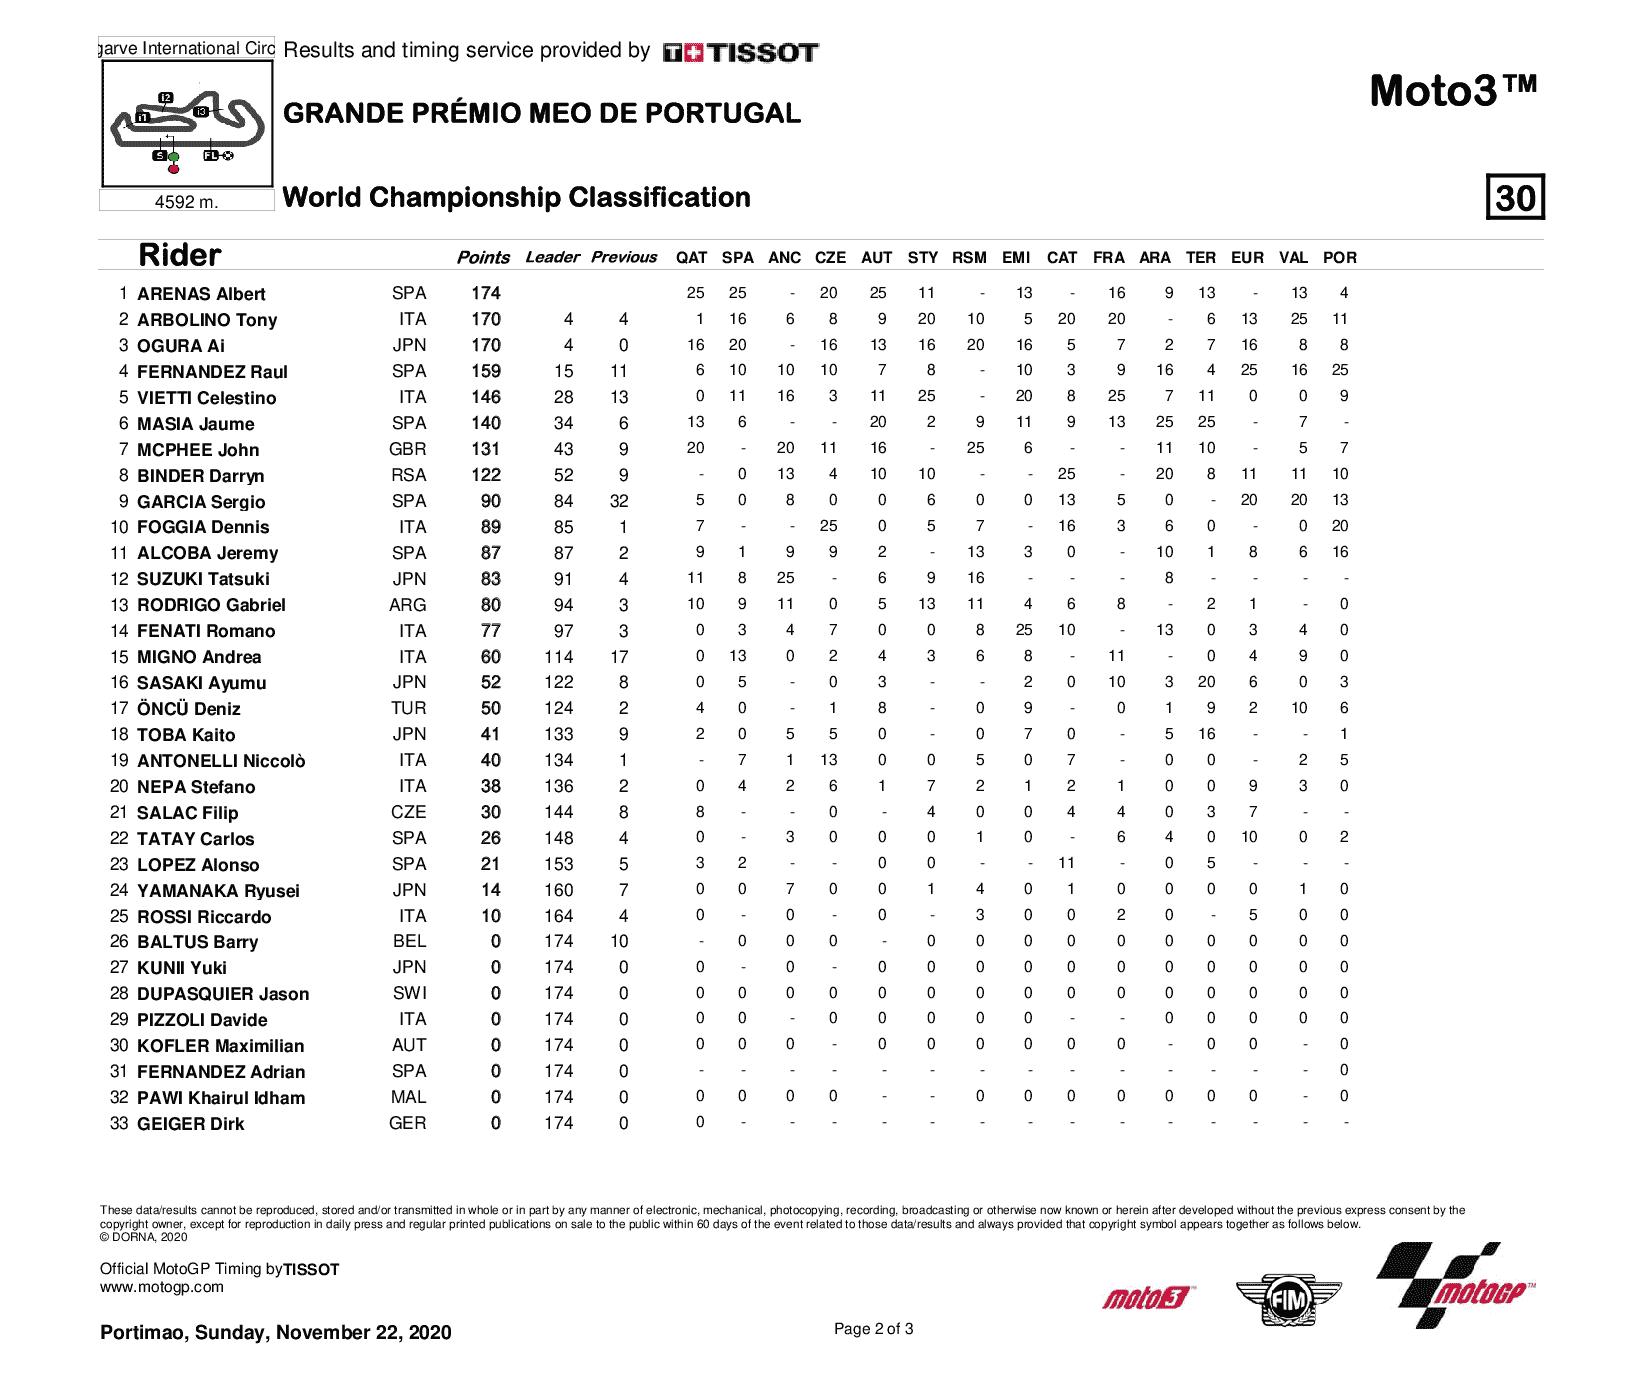 Classement général Moto3 2020